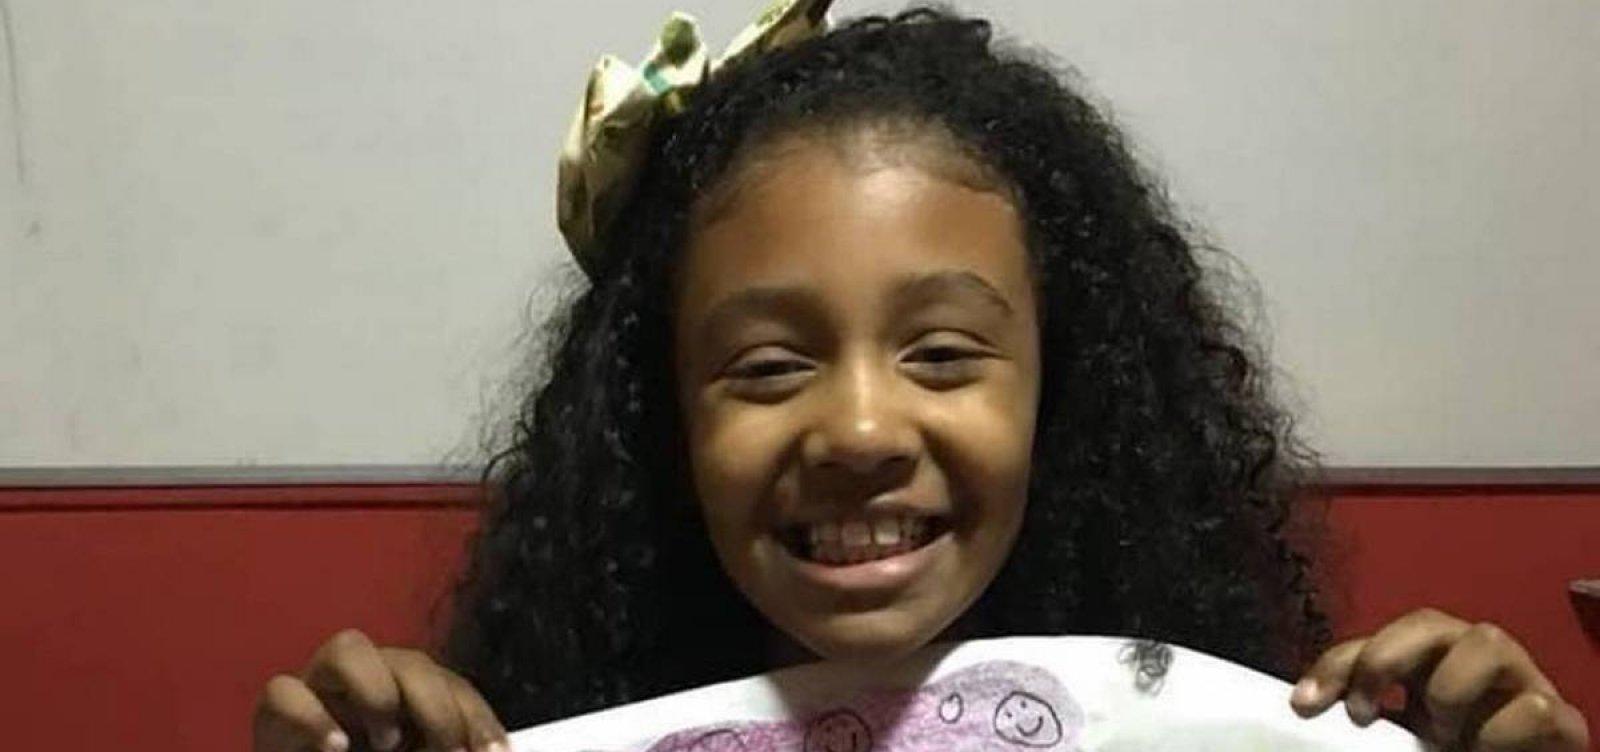 Inquérito da Polícia Civil aponta que PM causou morte da menina Ágatha Félix